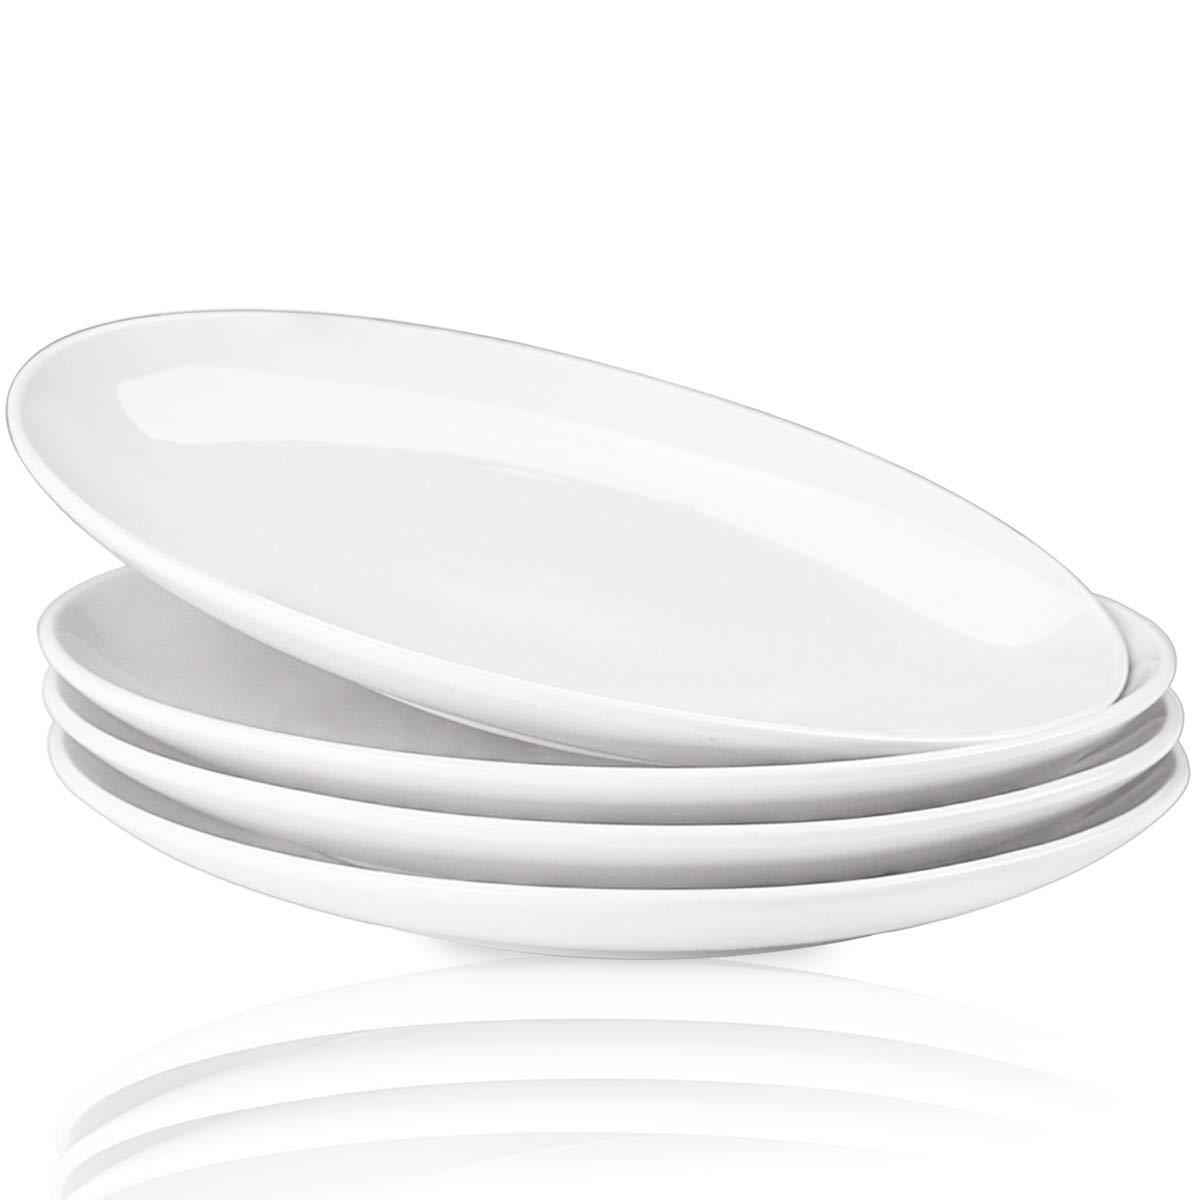 Delling 10'' Perdurable Porcelain Dinner Plates, Natural White Dinnerware Dish Set of 4